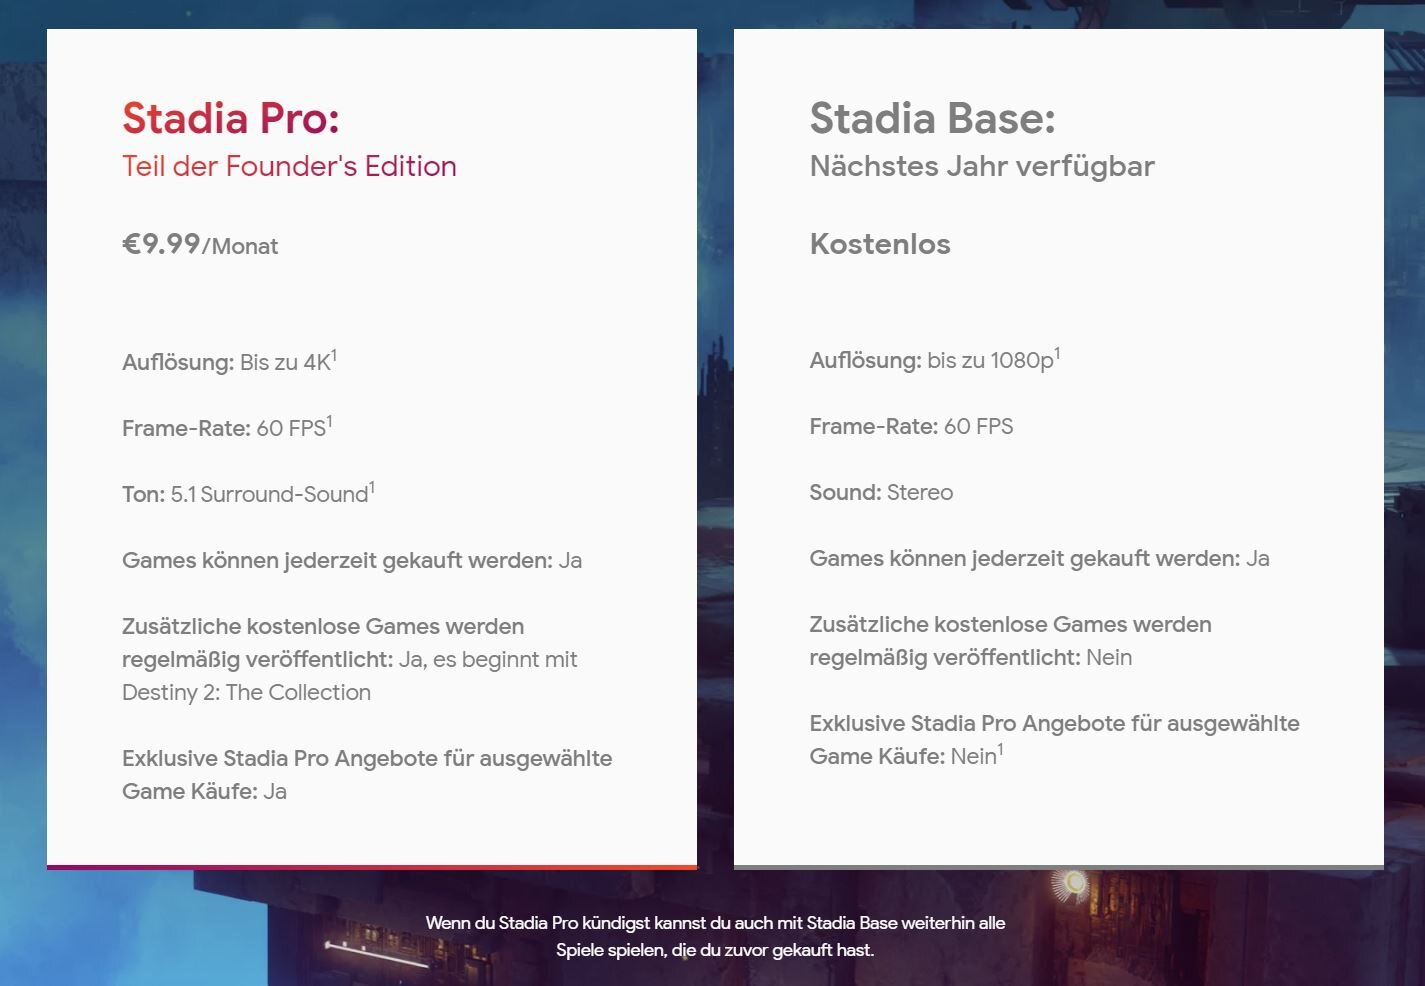 Stadia Pro und Stadia Base im Vergleich